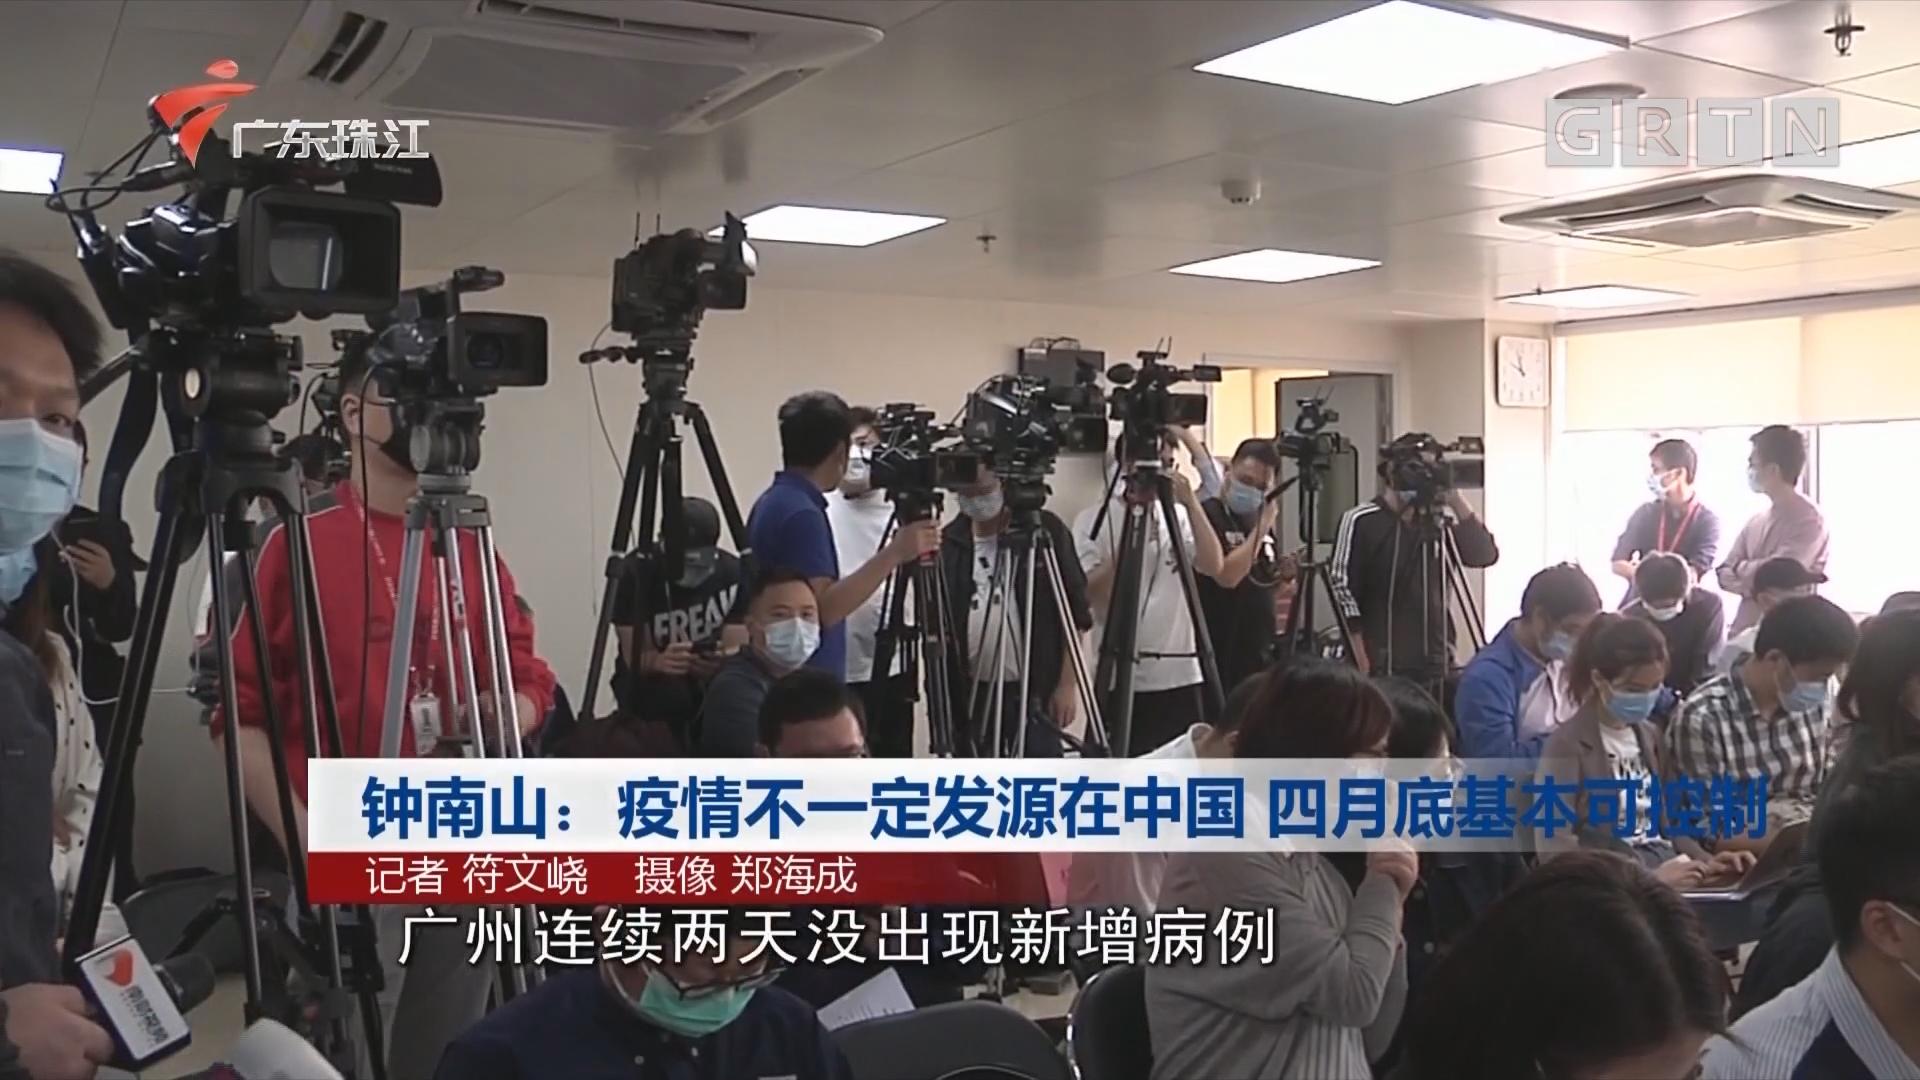 钟南山:疫情不一定发源在中国 四月底基本可控制